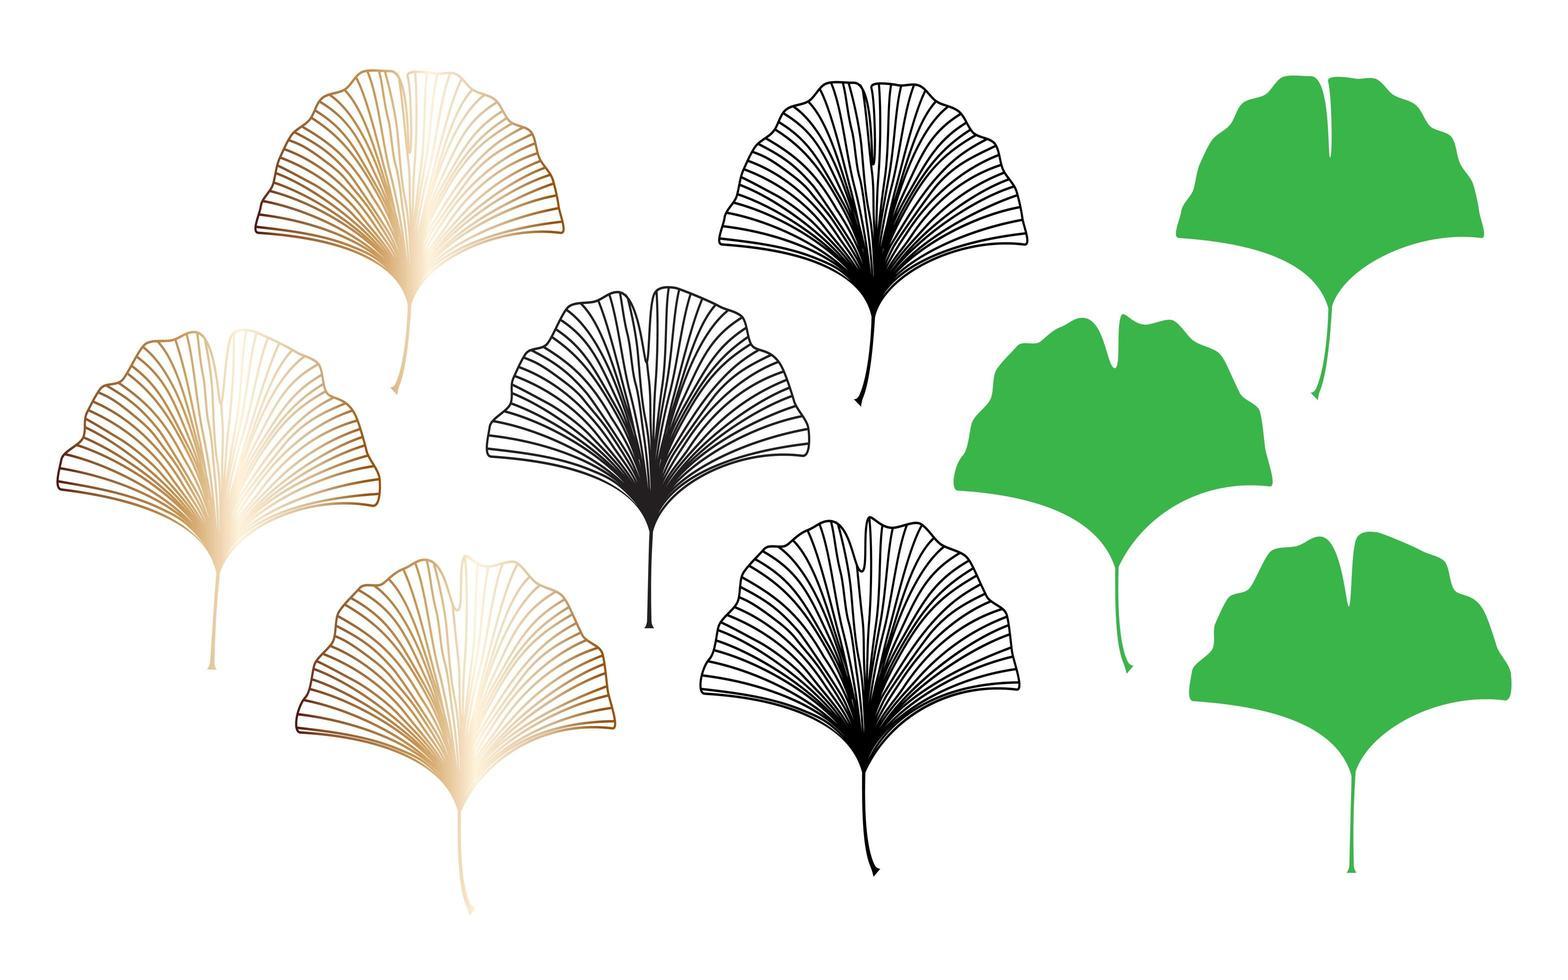 verzameling ginkgo biloba-bladeren vector